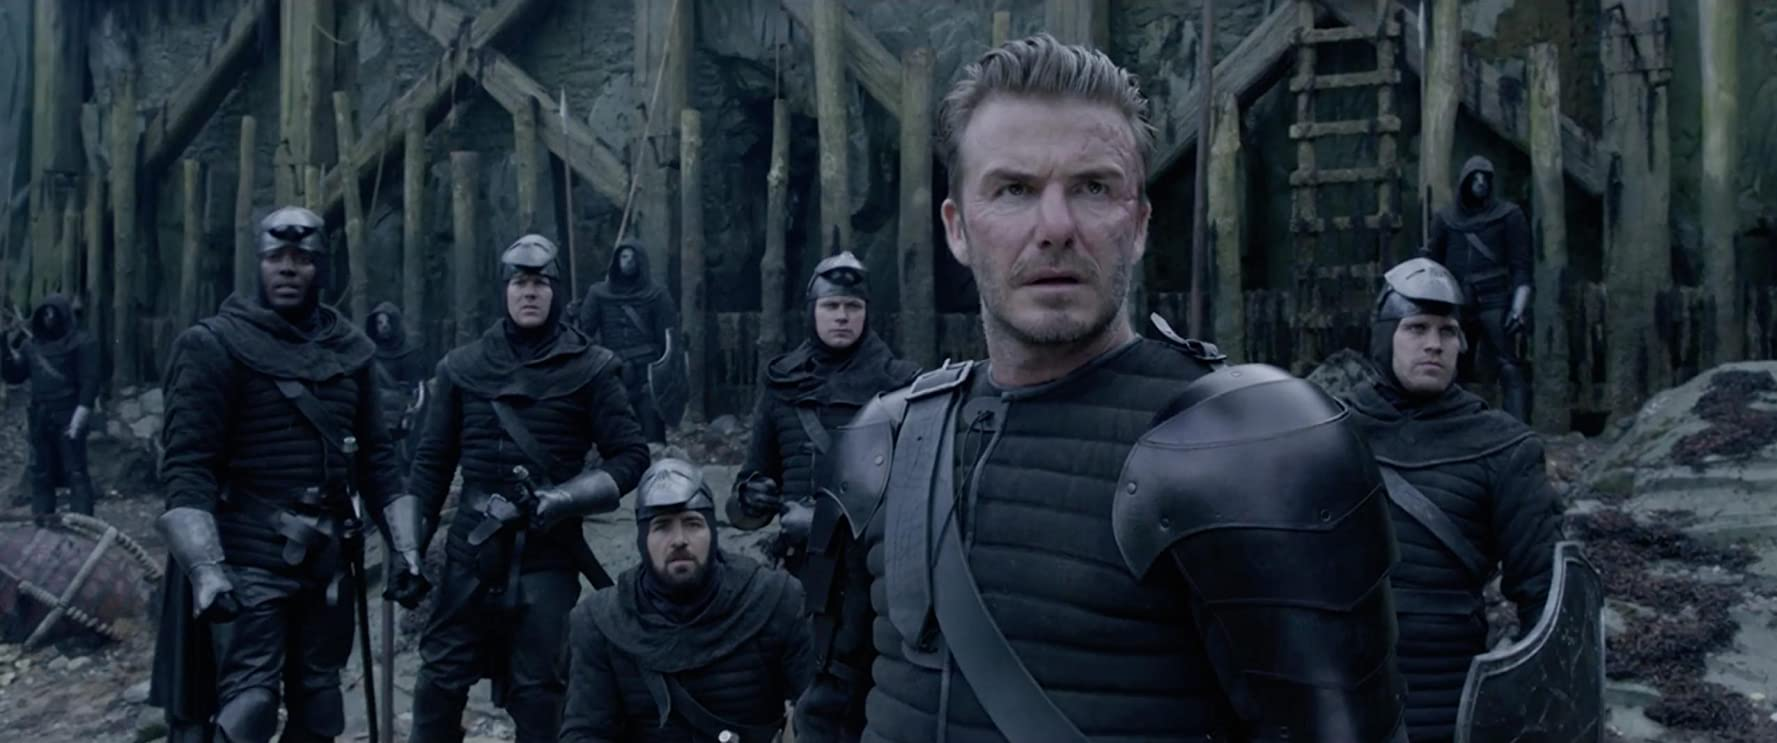 تحميل ومشاهدة فيلم King Arthur Legend of the Sword 2017 HD-CAM مترجم كامل